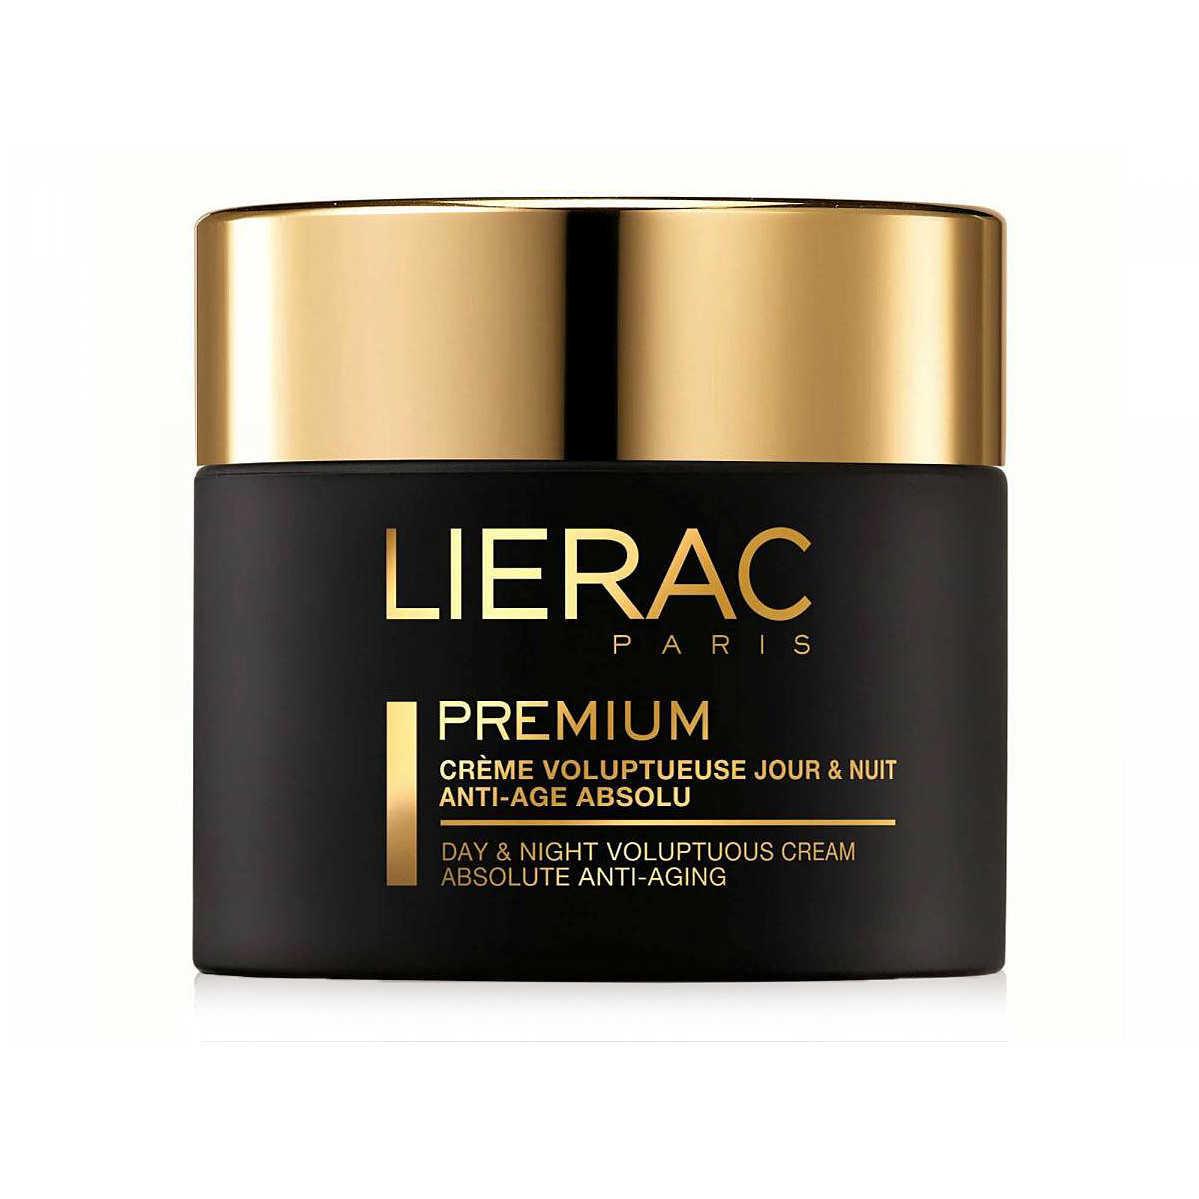 Lierac - Crema anti-età - Premium - Crema Ricca Voluttuosa..